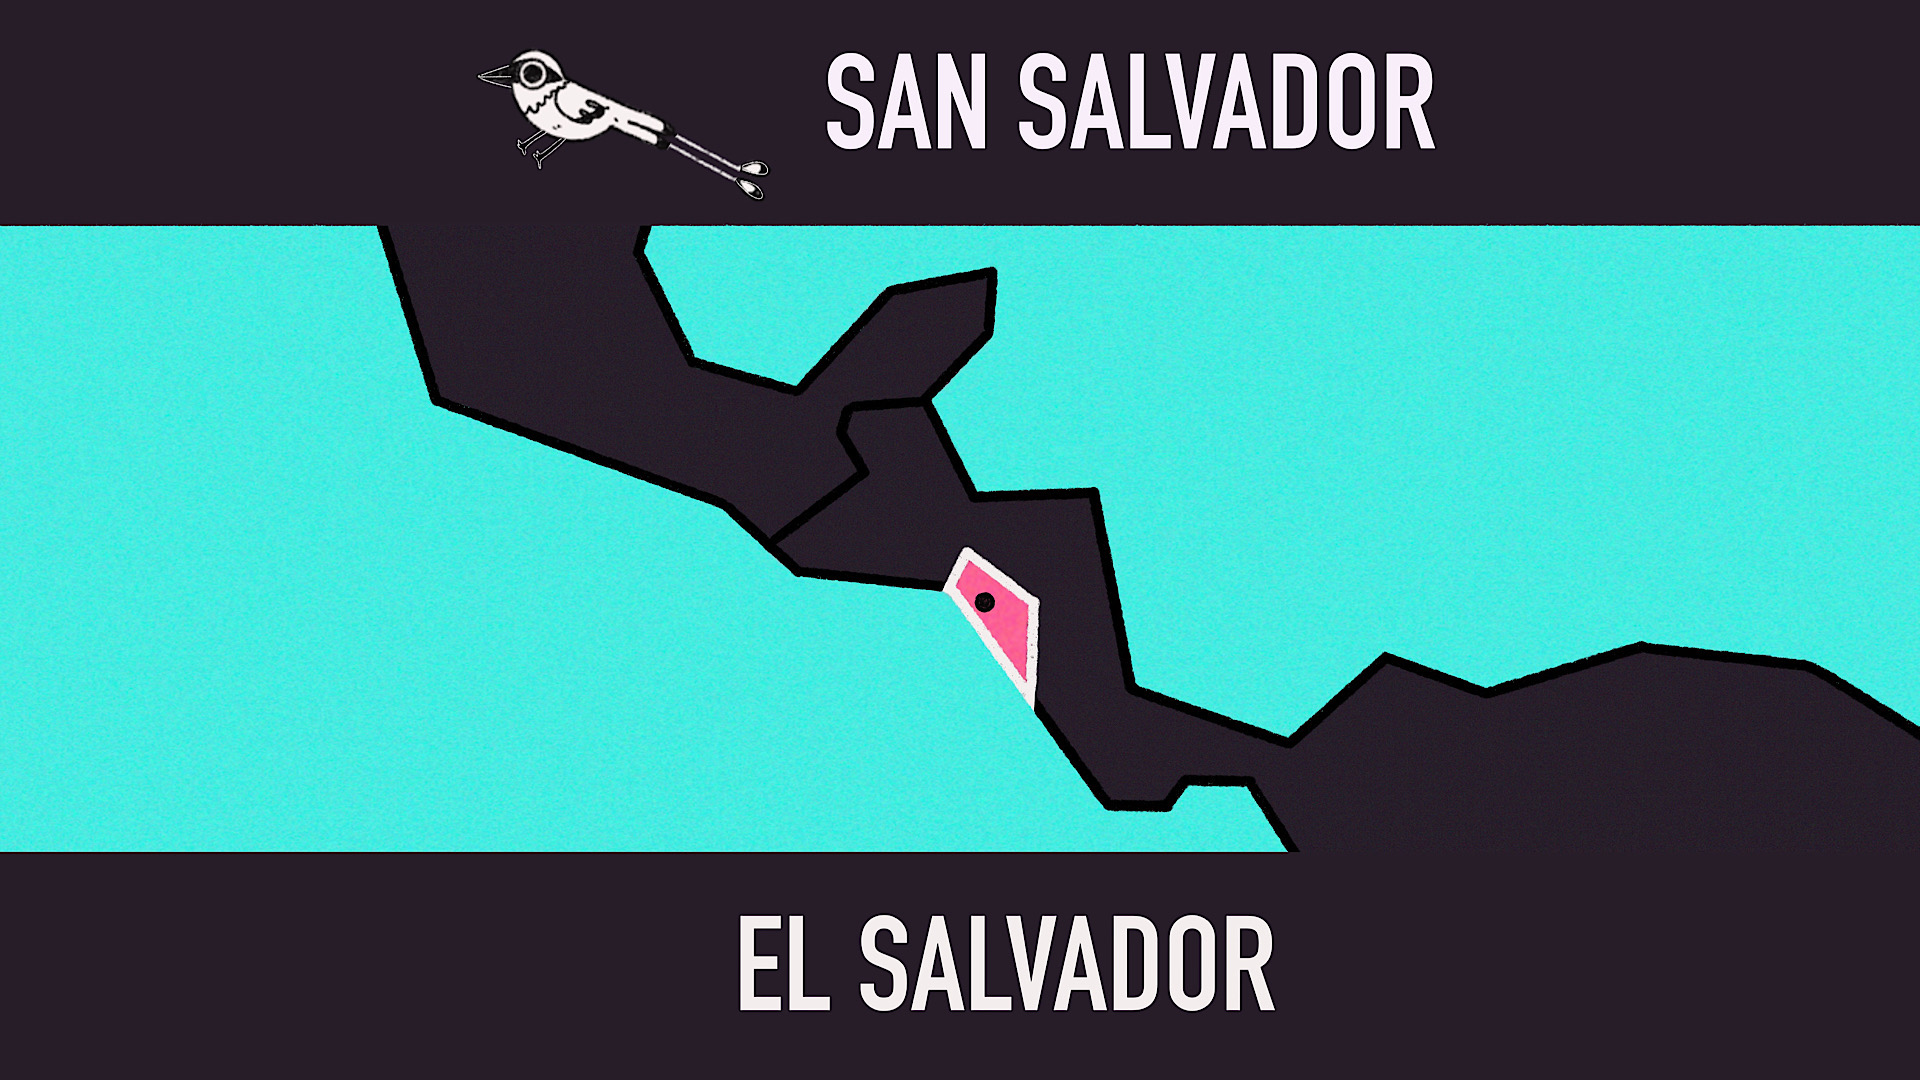 Bitácoras del coronavirus - San Salvador Ilustración: Natalia Franco